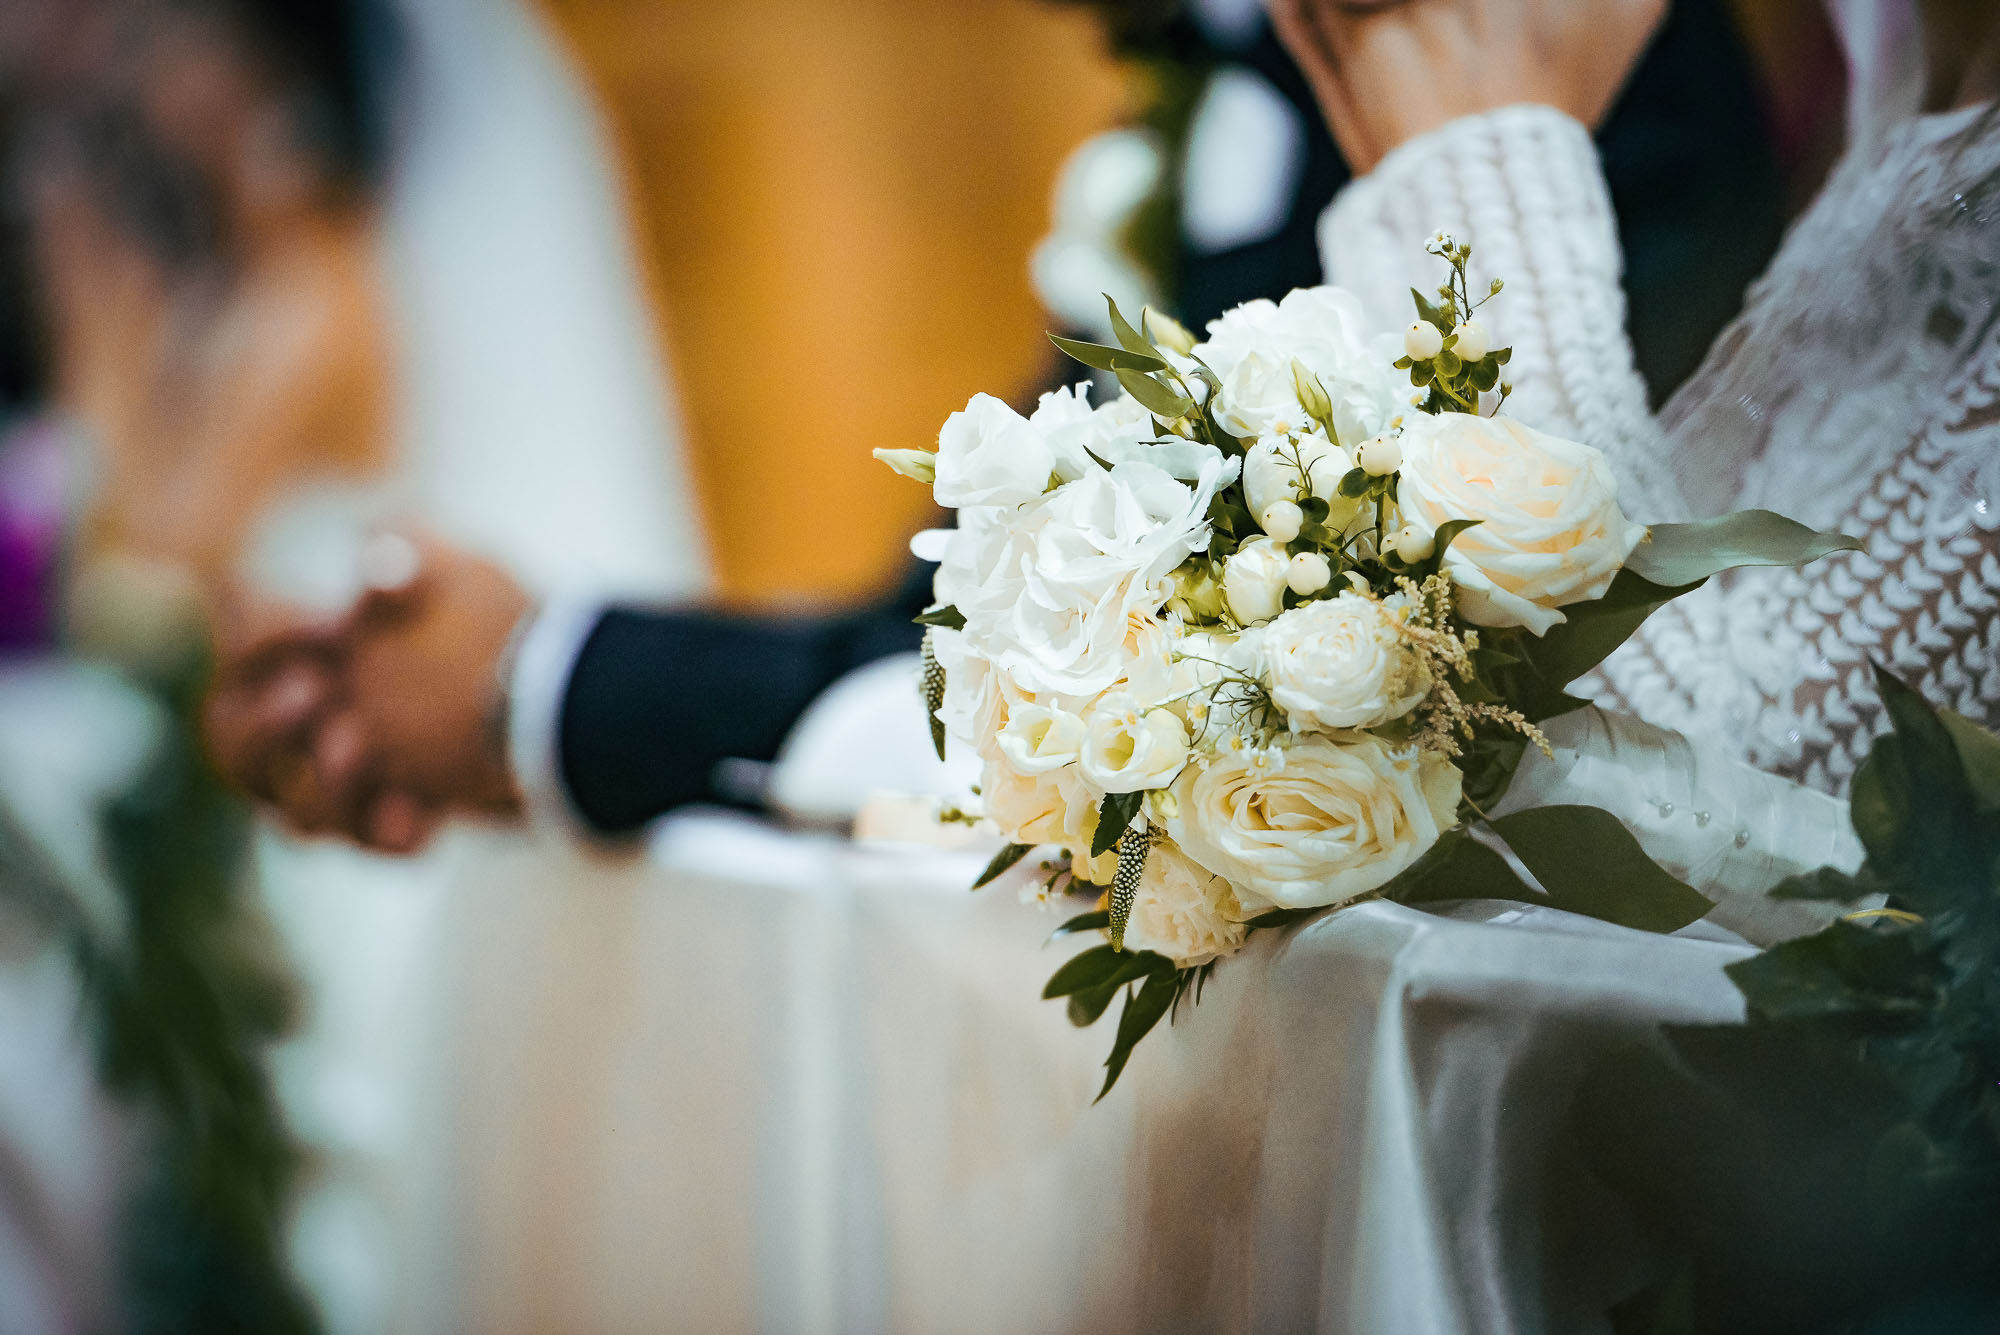 fotograf nunta bacau, fotograf iasi, nunta cort levisticum, fotograf profesionist bacau, fotograf suceava, fotograf nunta suceava, fotograf iasi, fotograf nunta iasi, fotograf bucuresti, fotograf nunta bucuresti, fotograf piatra neamt, fotograf nunta piatra neamt,